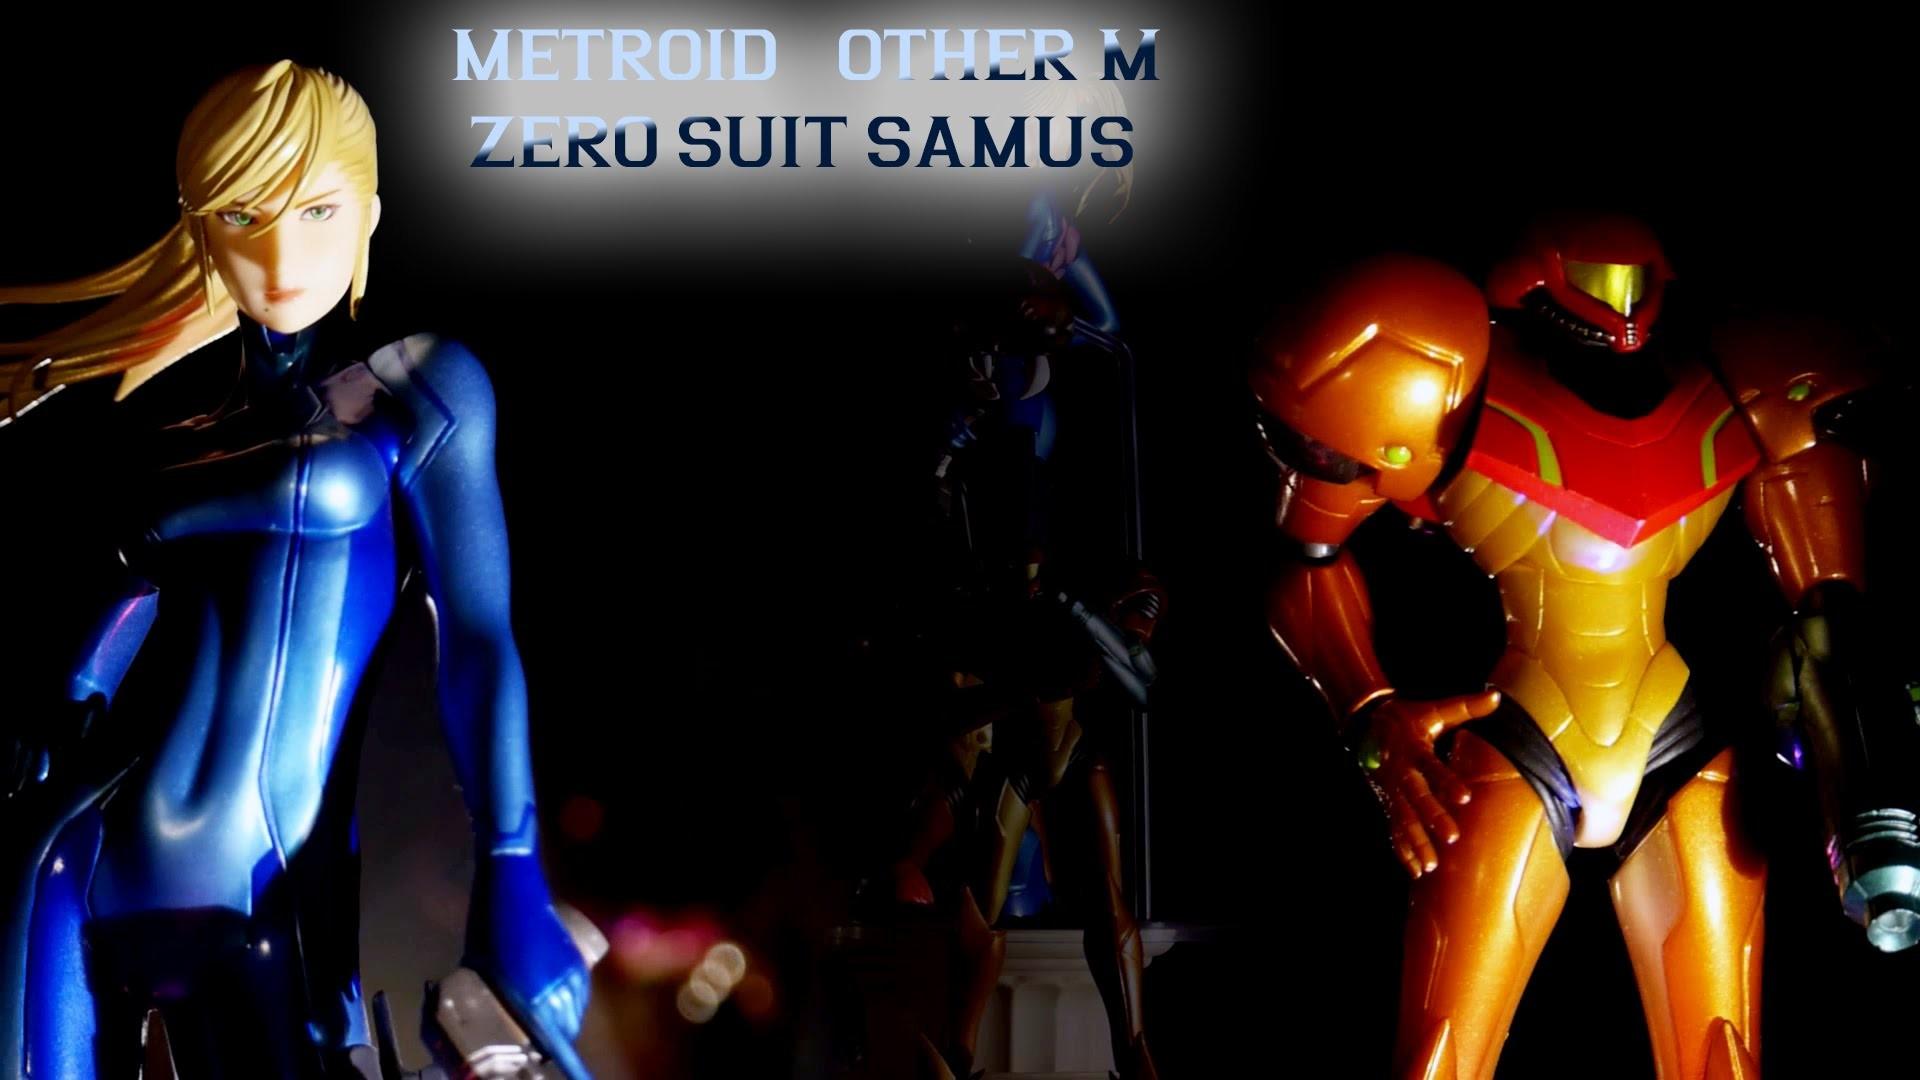 Metroid Other M – Zero Suit Samus figure (Max Factory/GoodSmile)